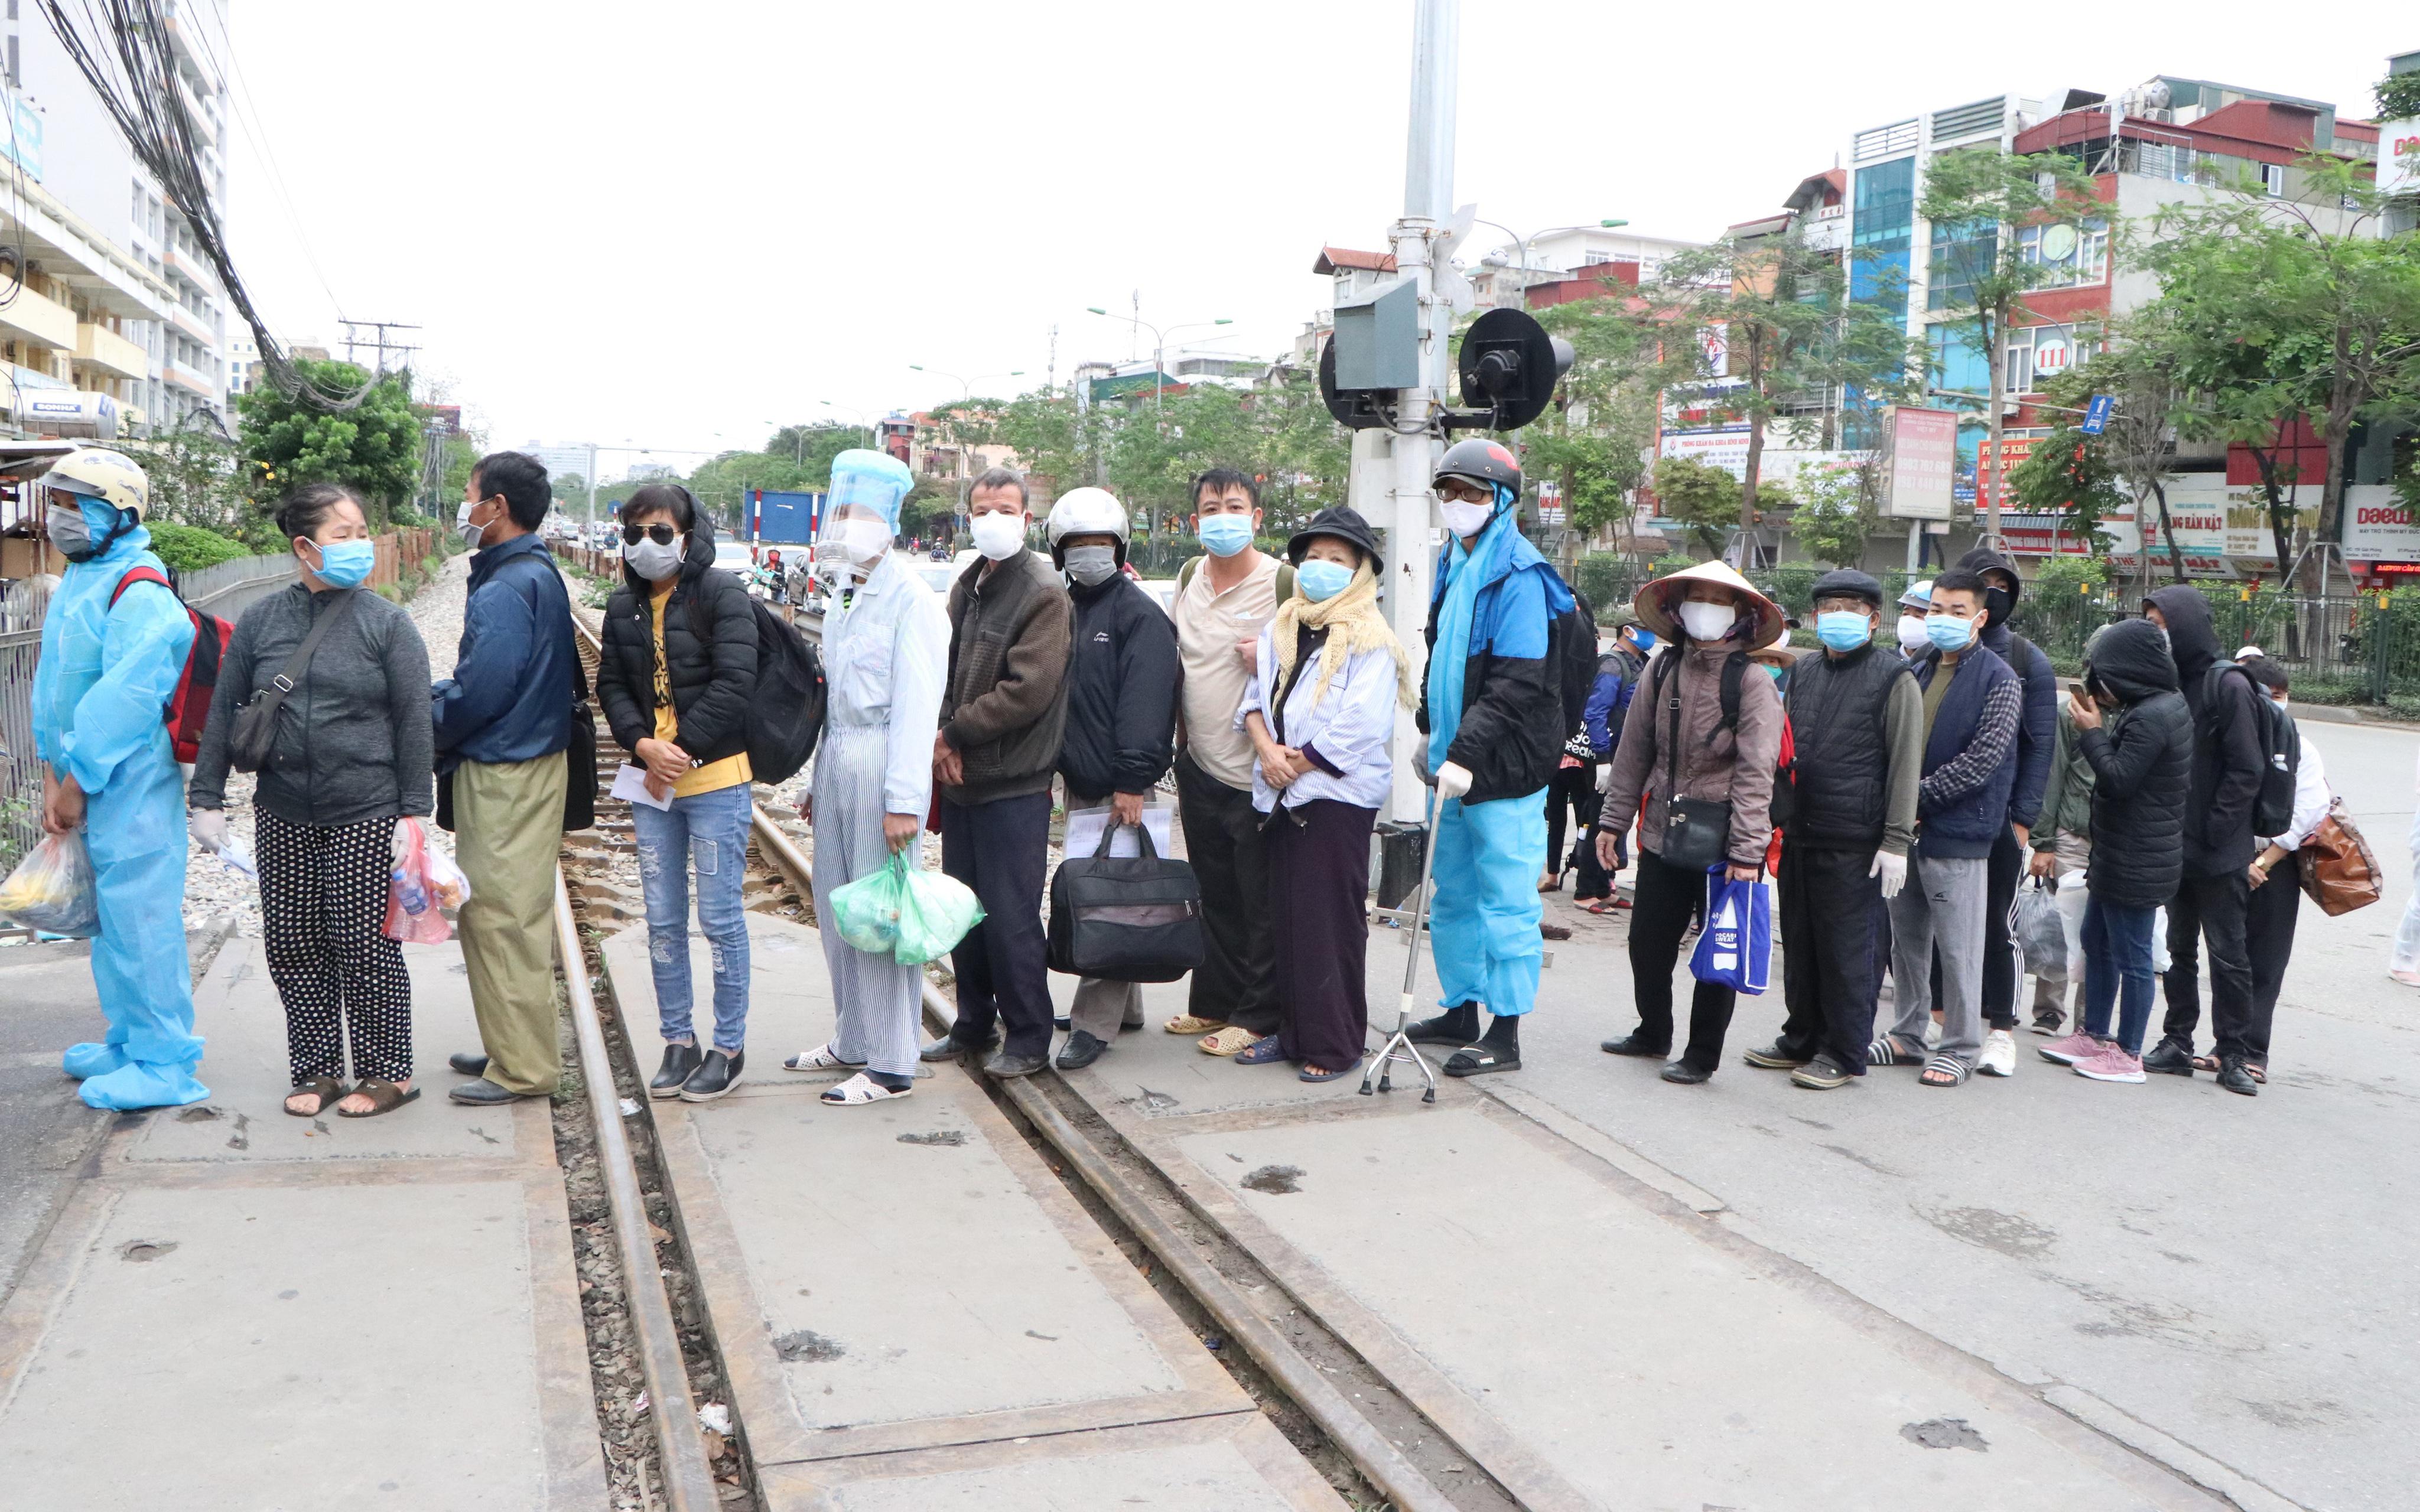 Ảnh: Bệnh nhân chạy thận xếp hàng dài trước cổng BV Bạch Mai chờ làm thủ tục vào viện